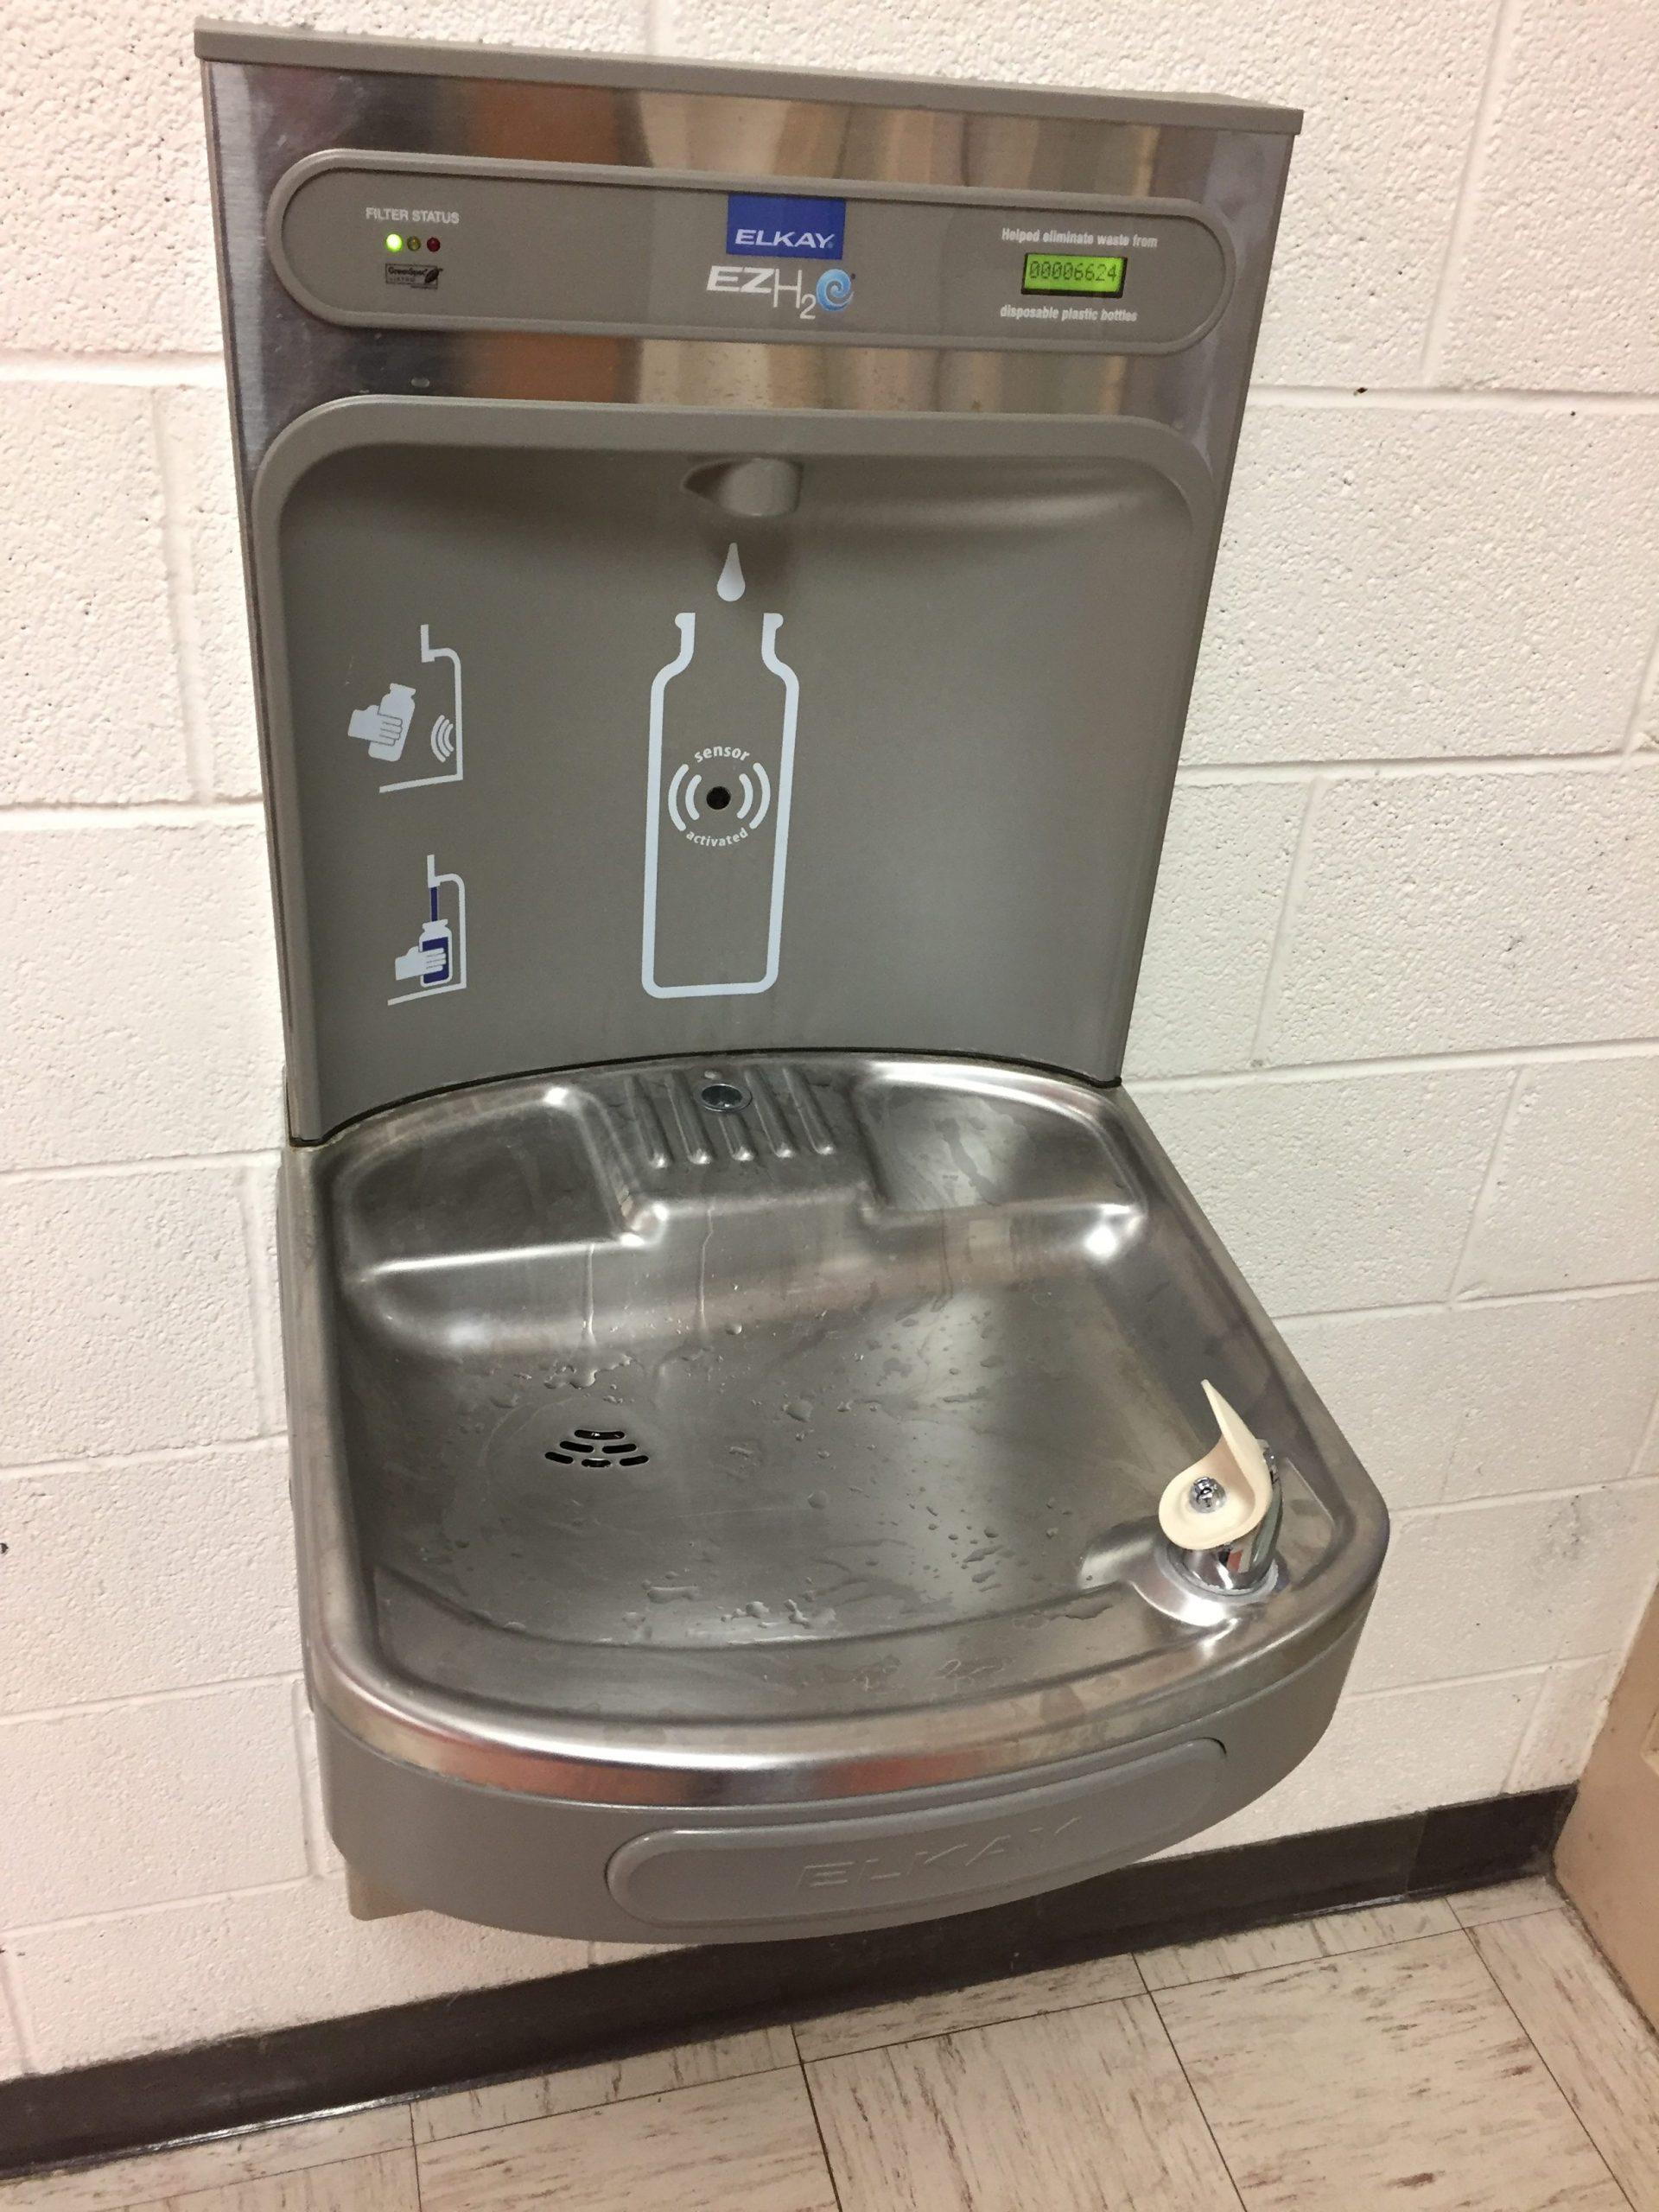 Wasserspender zur Wiederauffüllung von Flaschen